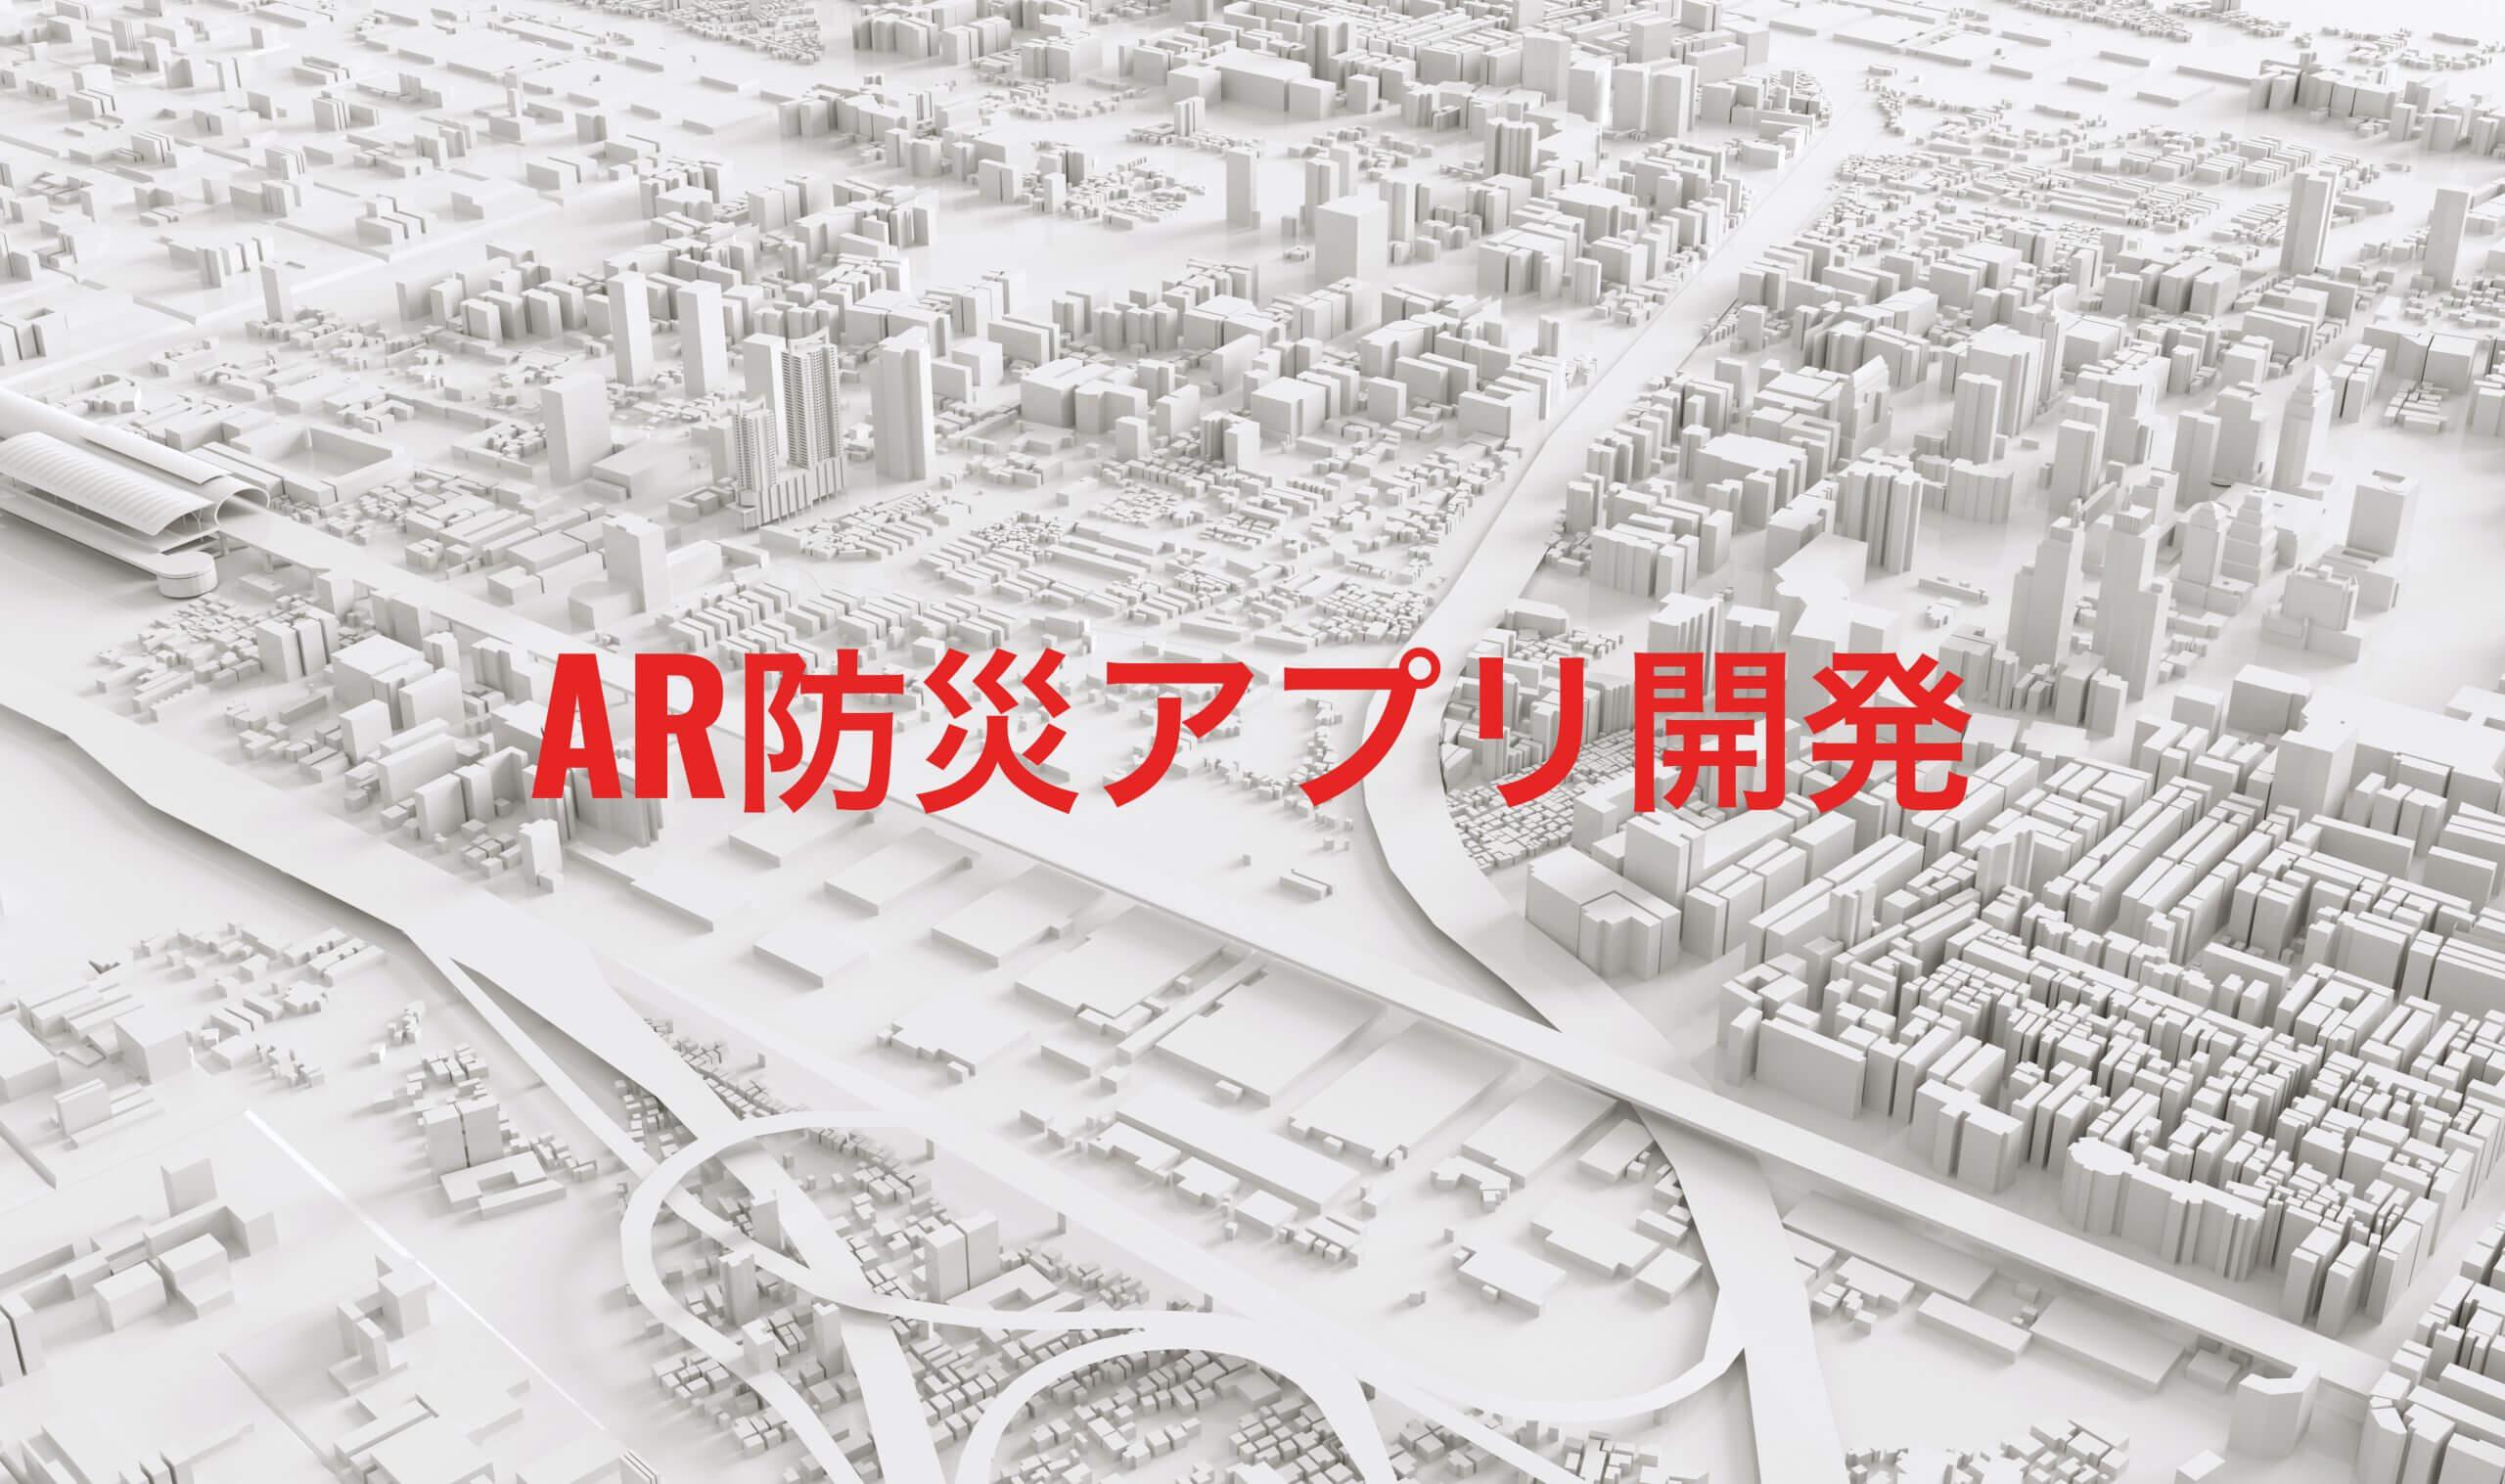 地方自治体の公式AR防災アプリ開発。ジャイロセンサーにより津波の高さを表現